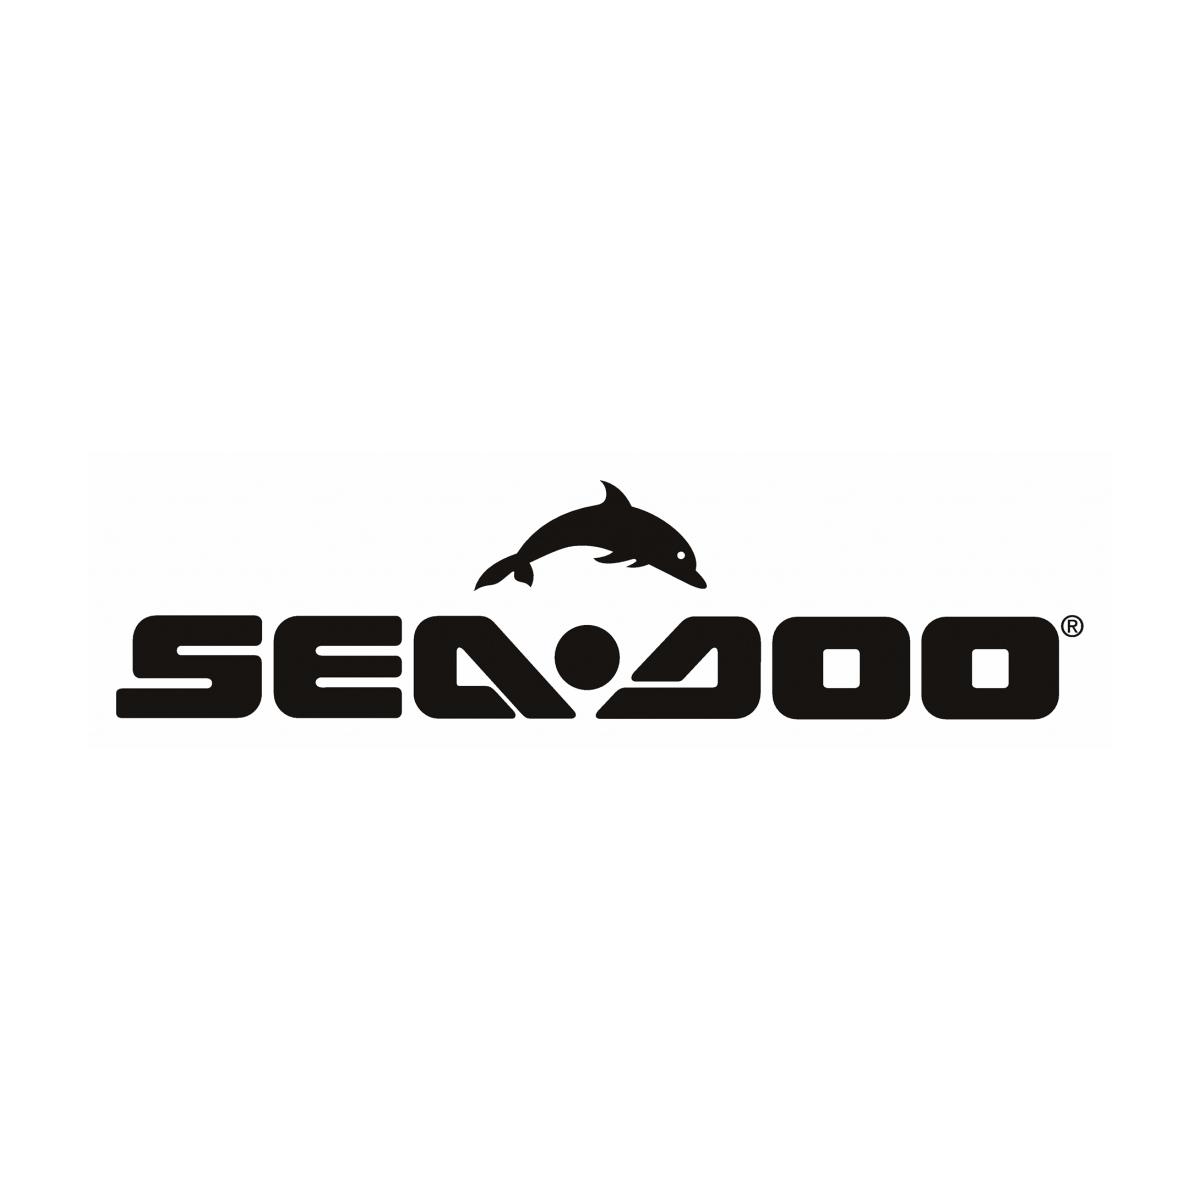 Capa para Botão Start/Stop Jet Ski Sea Doo 4 TEC (Redonda/Vermelha) Nacional*  - Radical Peças - Peças para Jet Ski